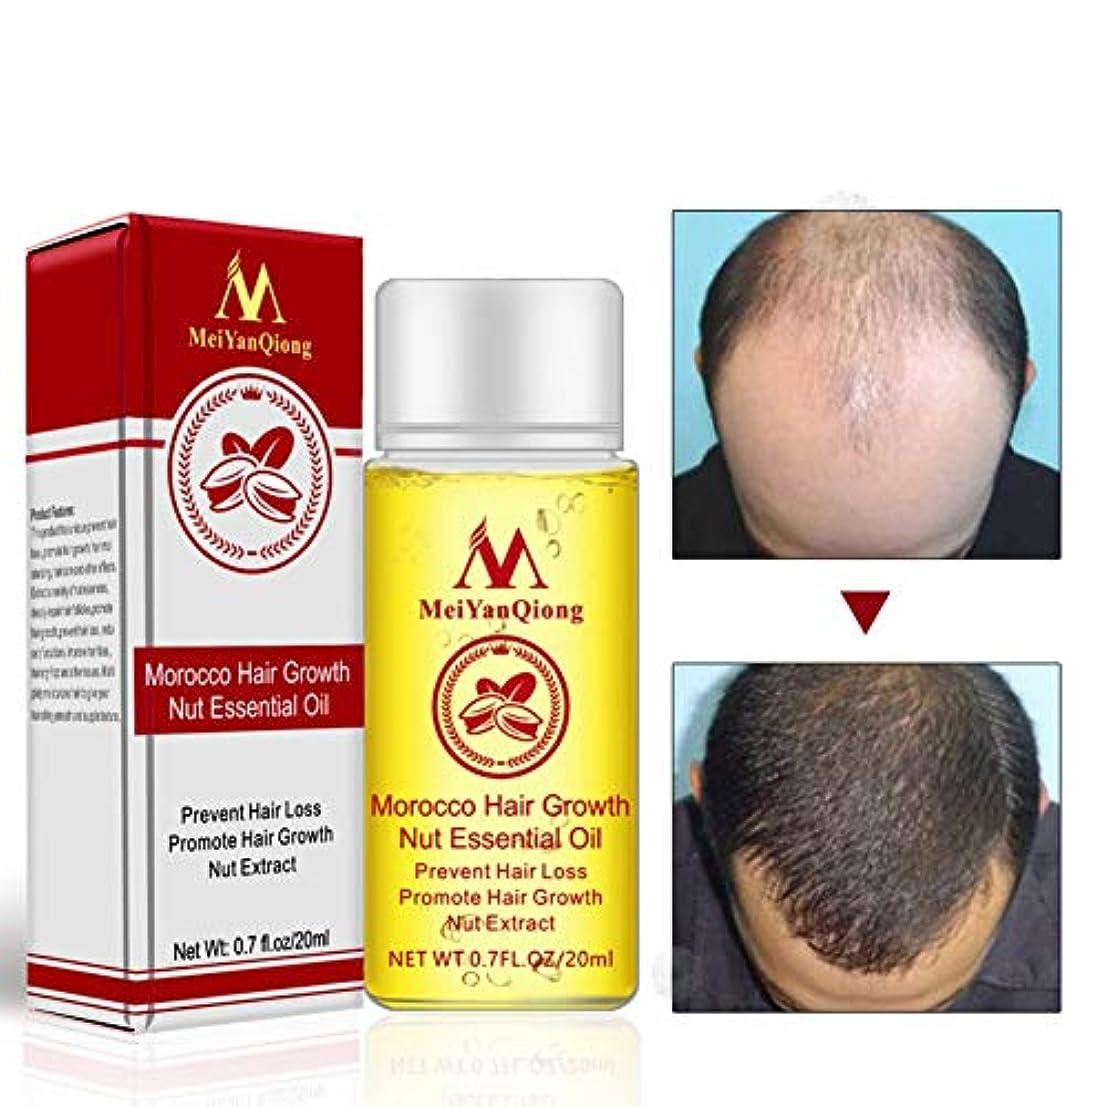 バウンド国際匿名Alluoleのモロッコの毛の成長のナットの精油の反毛の損失は毛の成長の本質を促進します